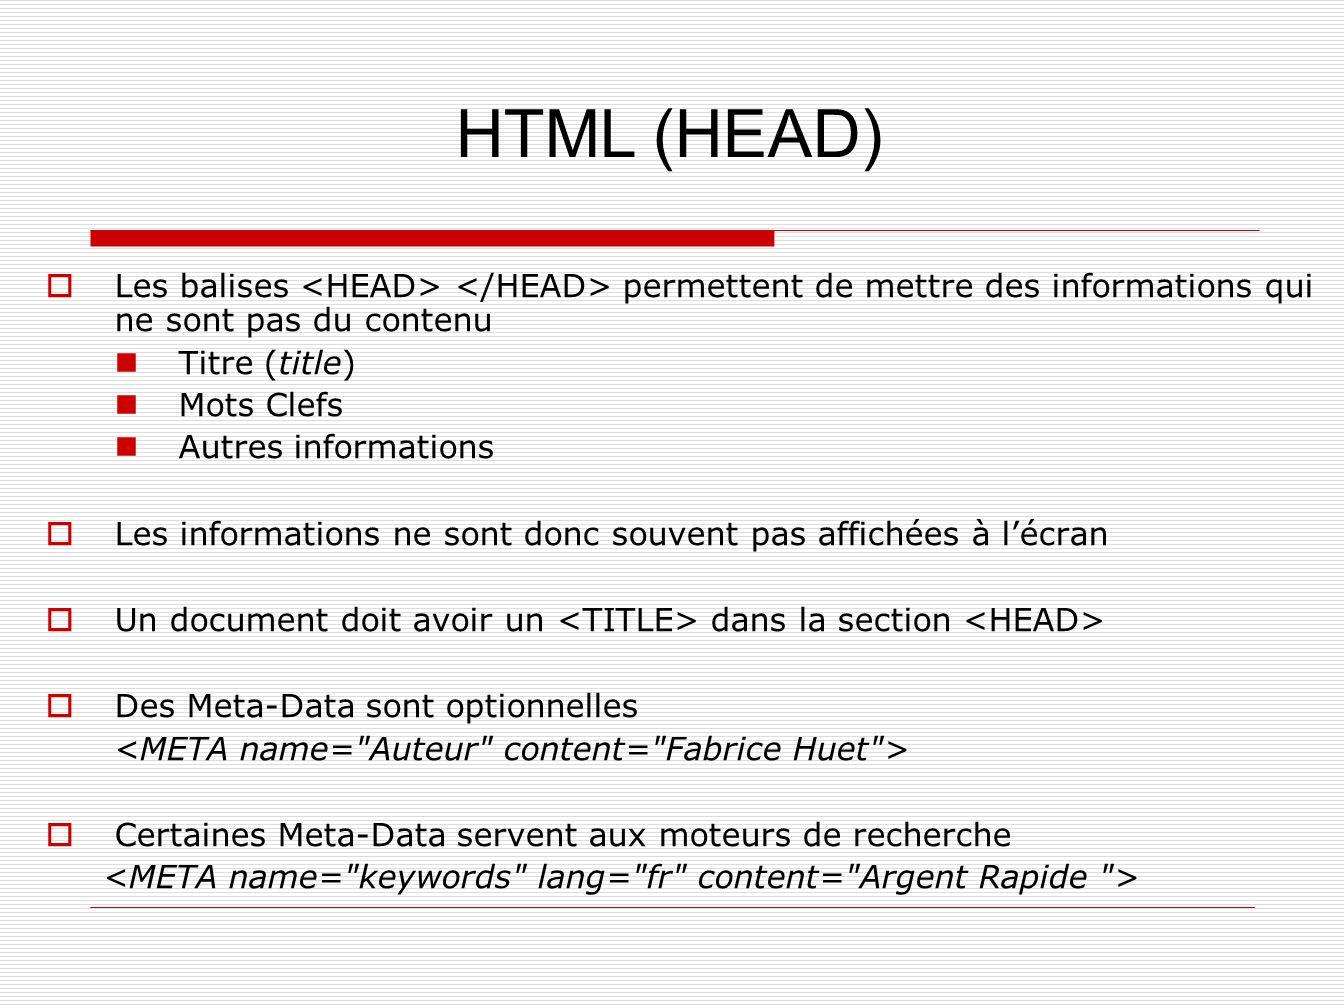 HTML (HEAD) Les balises <HEAD> </HEAD> permettent de mettre des informations qui ne sont pas du contenu.